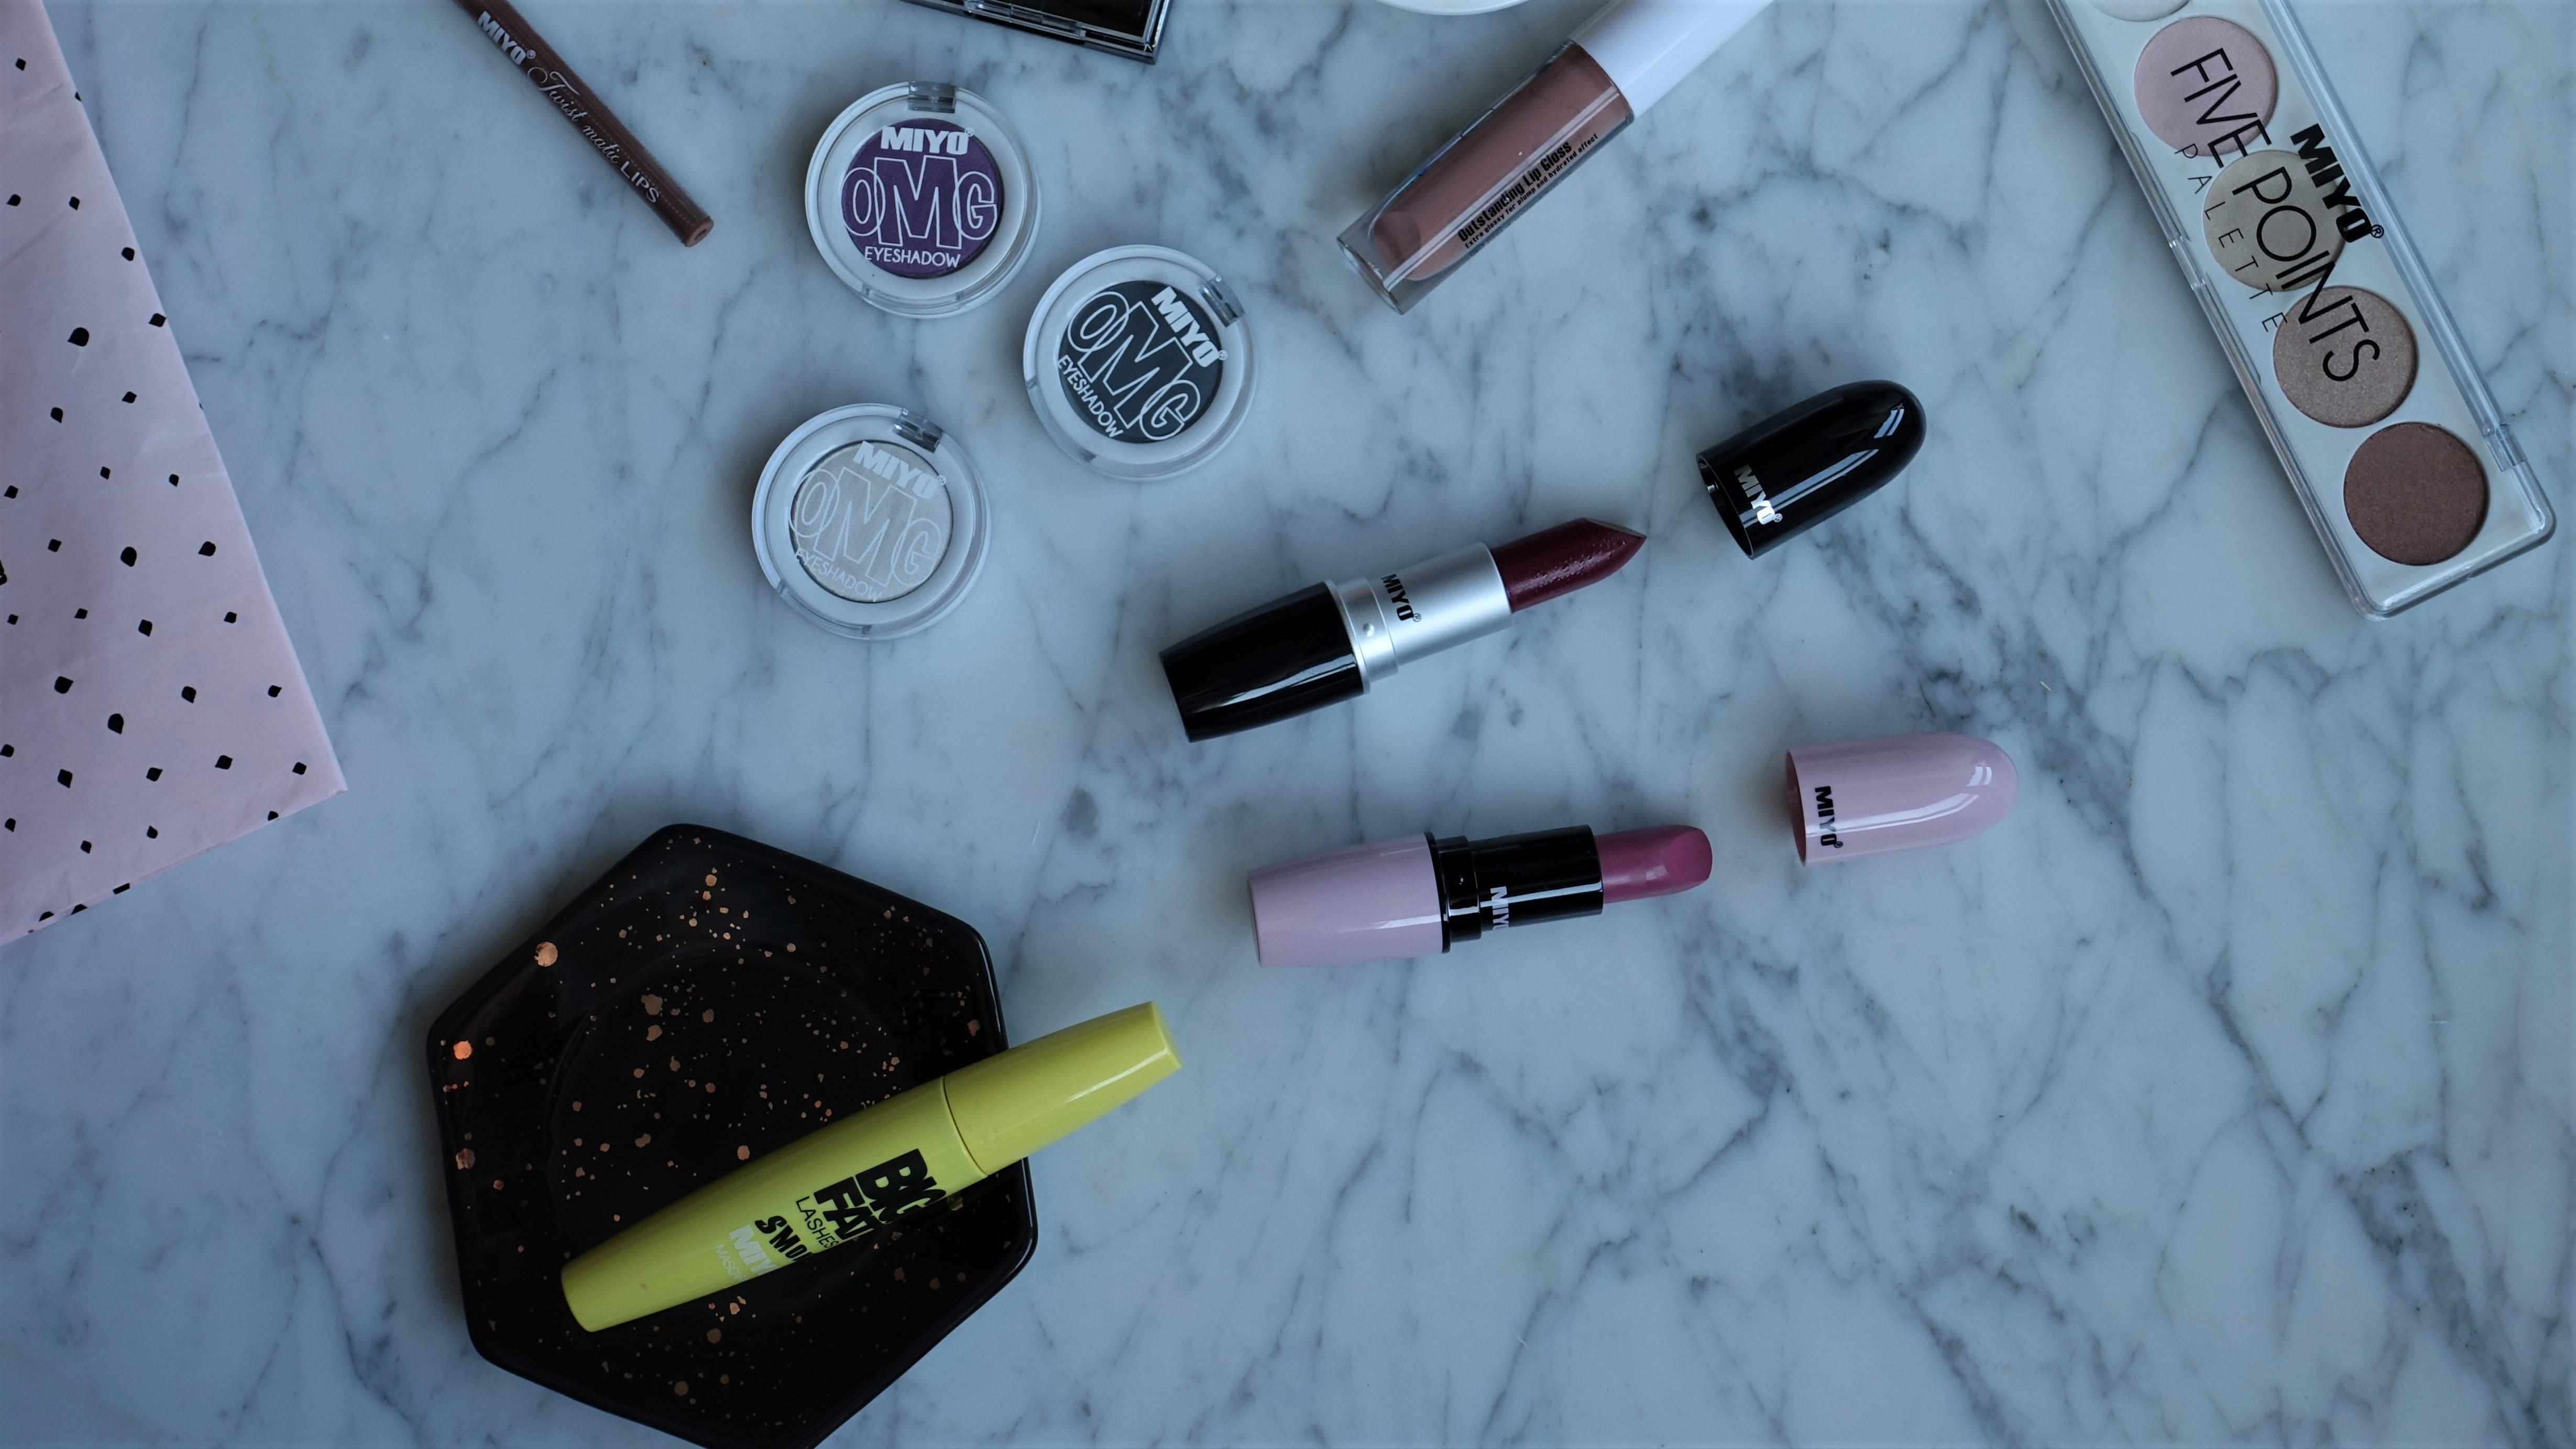 Productos de Miyo, distribuidos por Probelleza (Evento #YBB8ED de Girl Power Team)